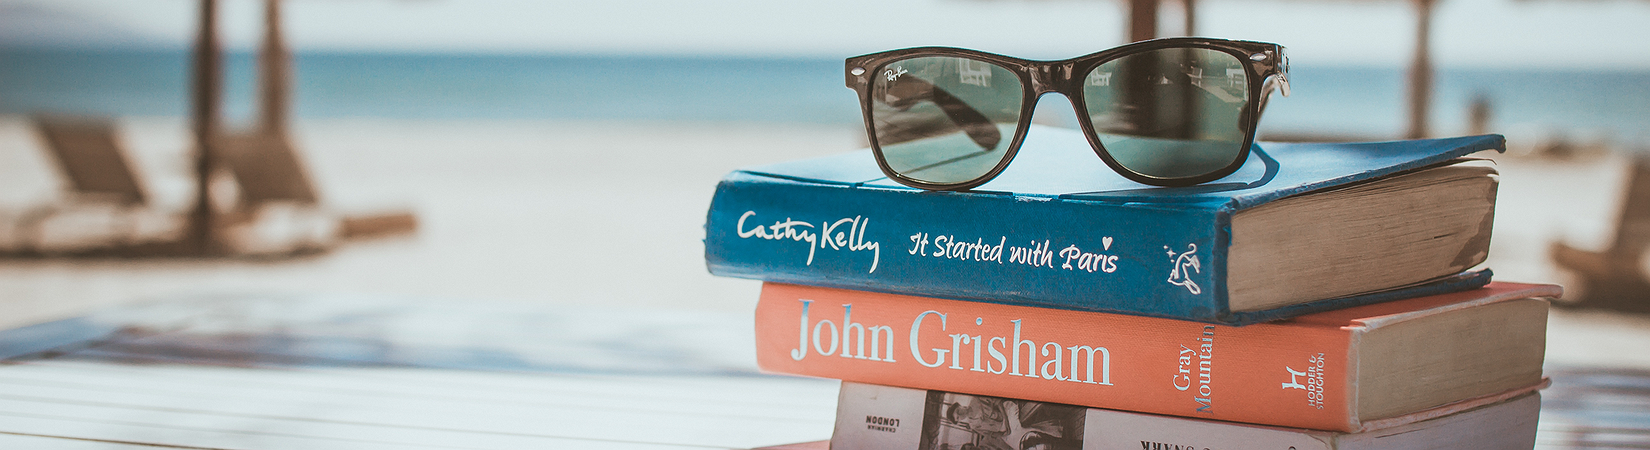 7 Livros para ler em viagens de avião